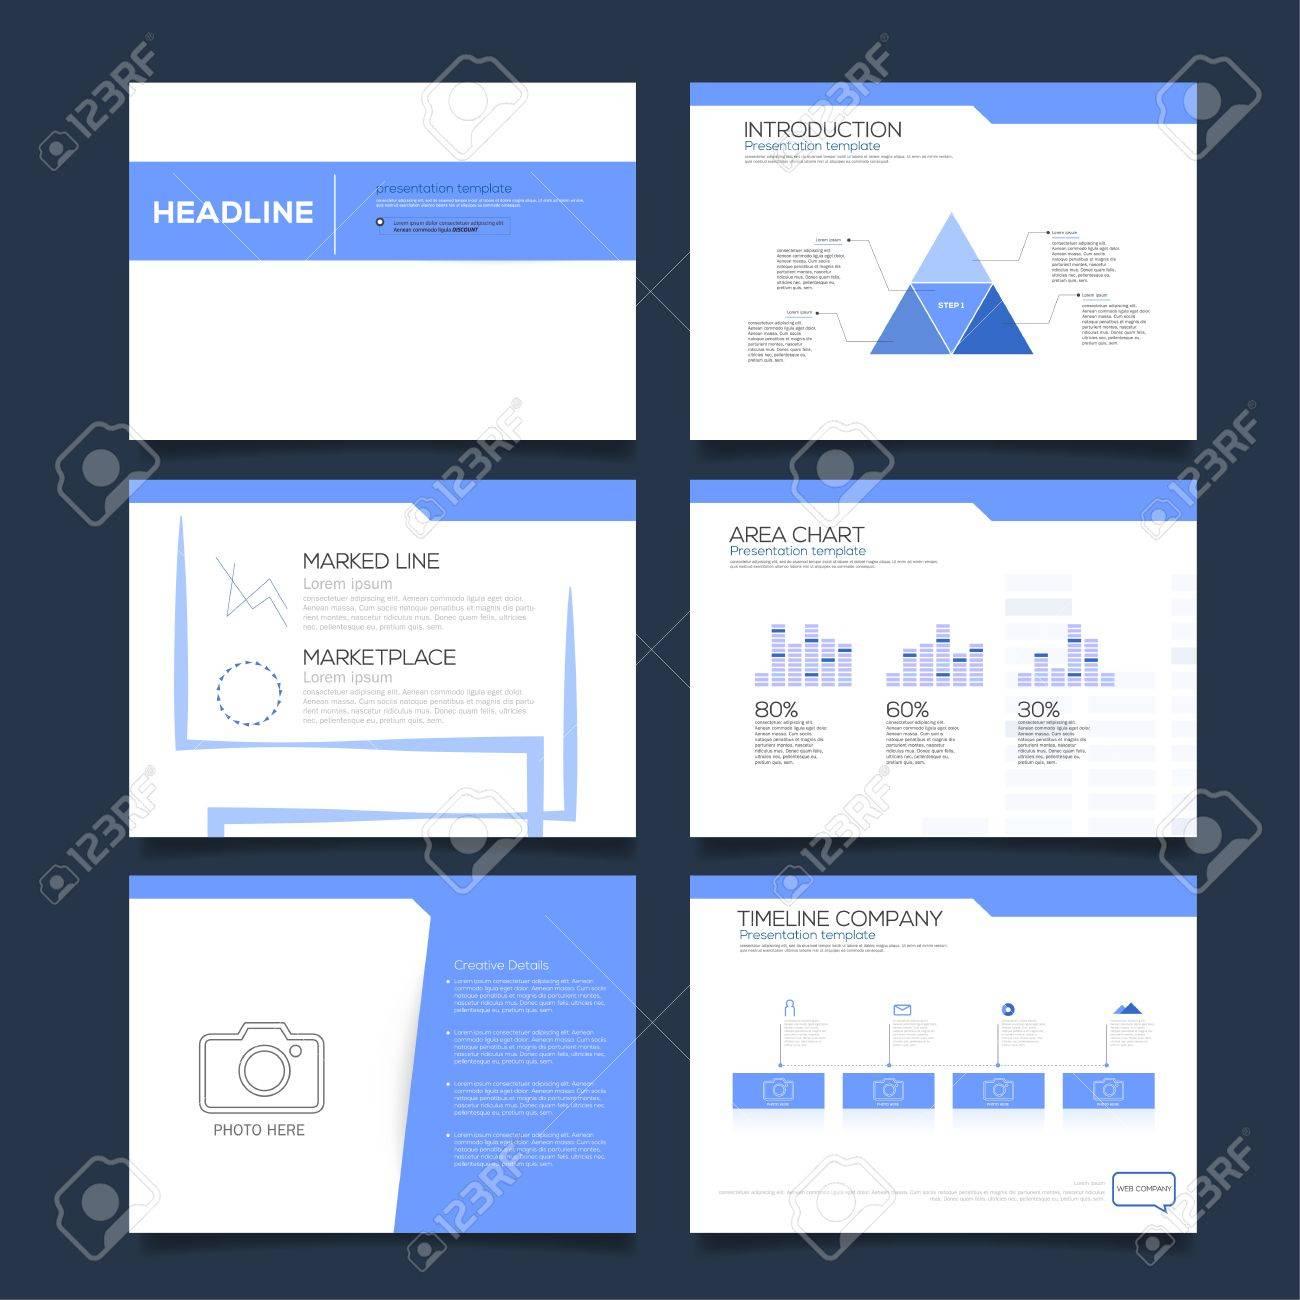 Präsentation Design Vorlage Vektor Design. Lizenzfrei Nutzbare ...